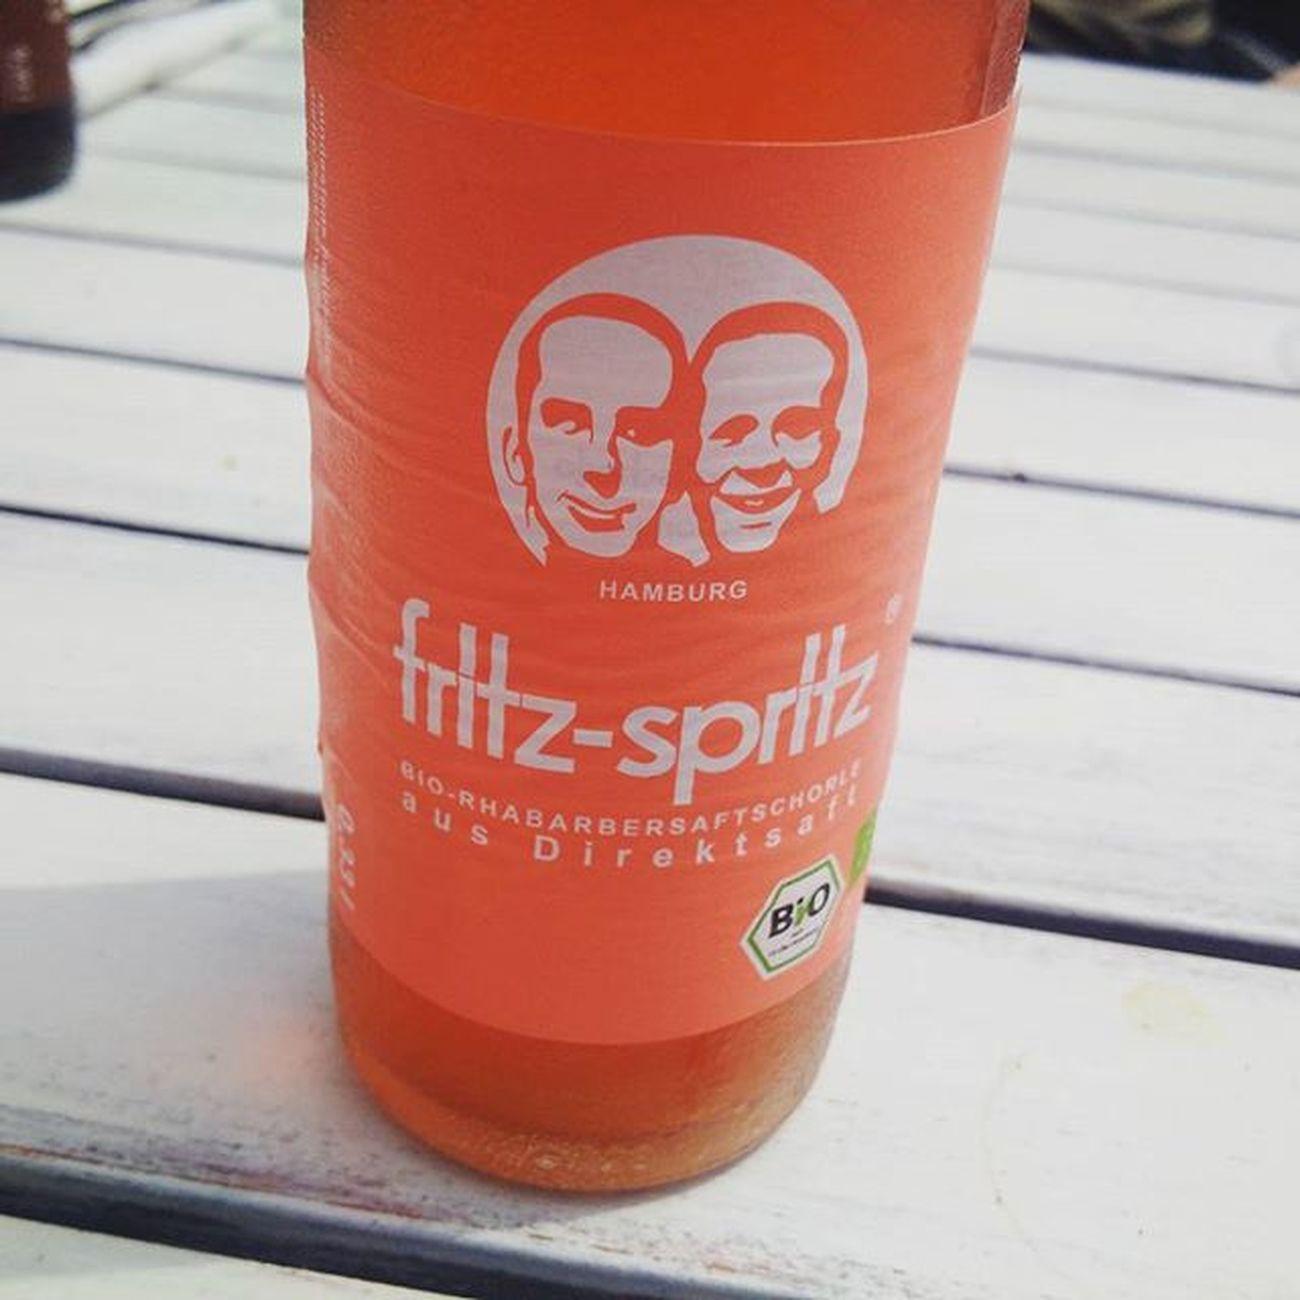 Irgendwas mit Bio. Fritz Fritzspritz Rhabarber Bio Drink Chilled